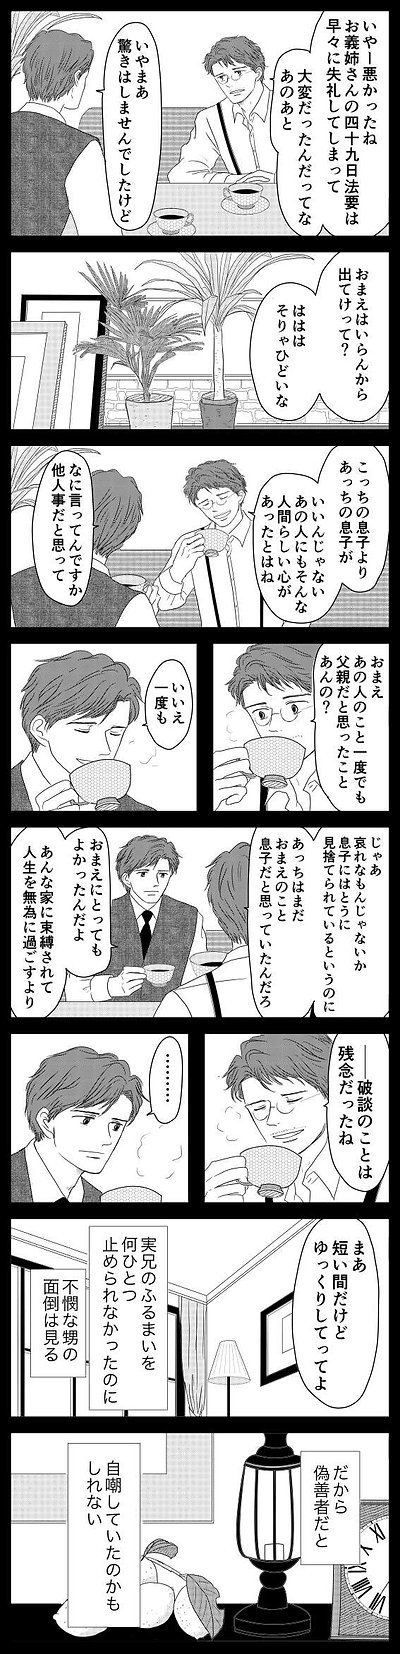 洋輔さん04 2.jpg